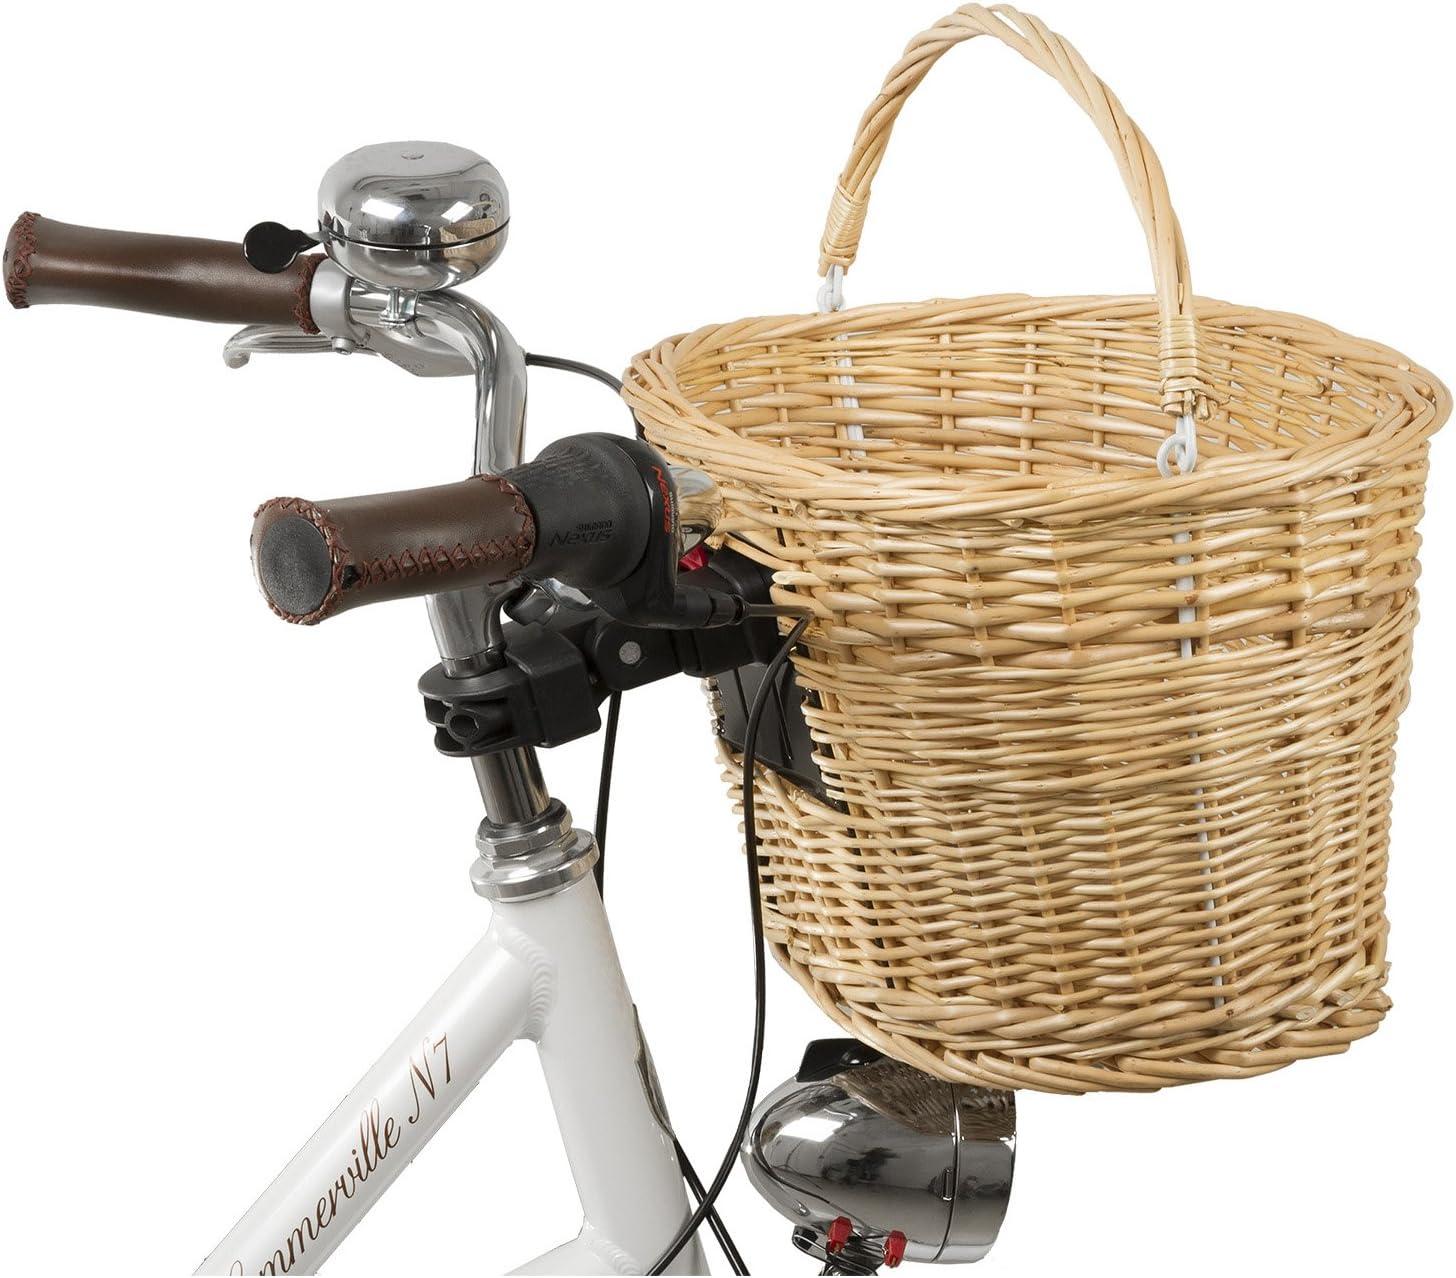 Fahrradkorb universal Gepäckträger M-Wave Ocean R Seegraskorb Fahrrad Korb